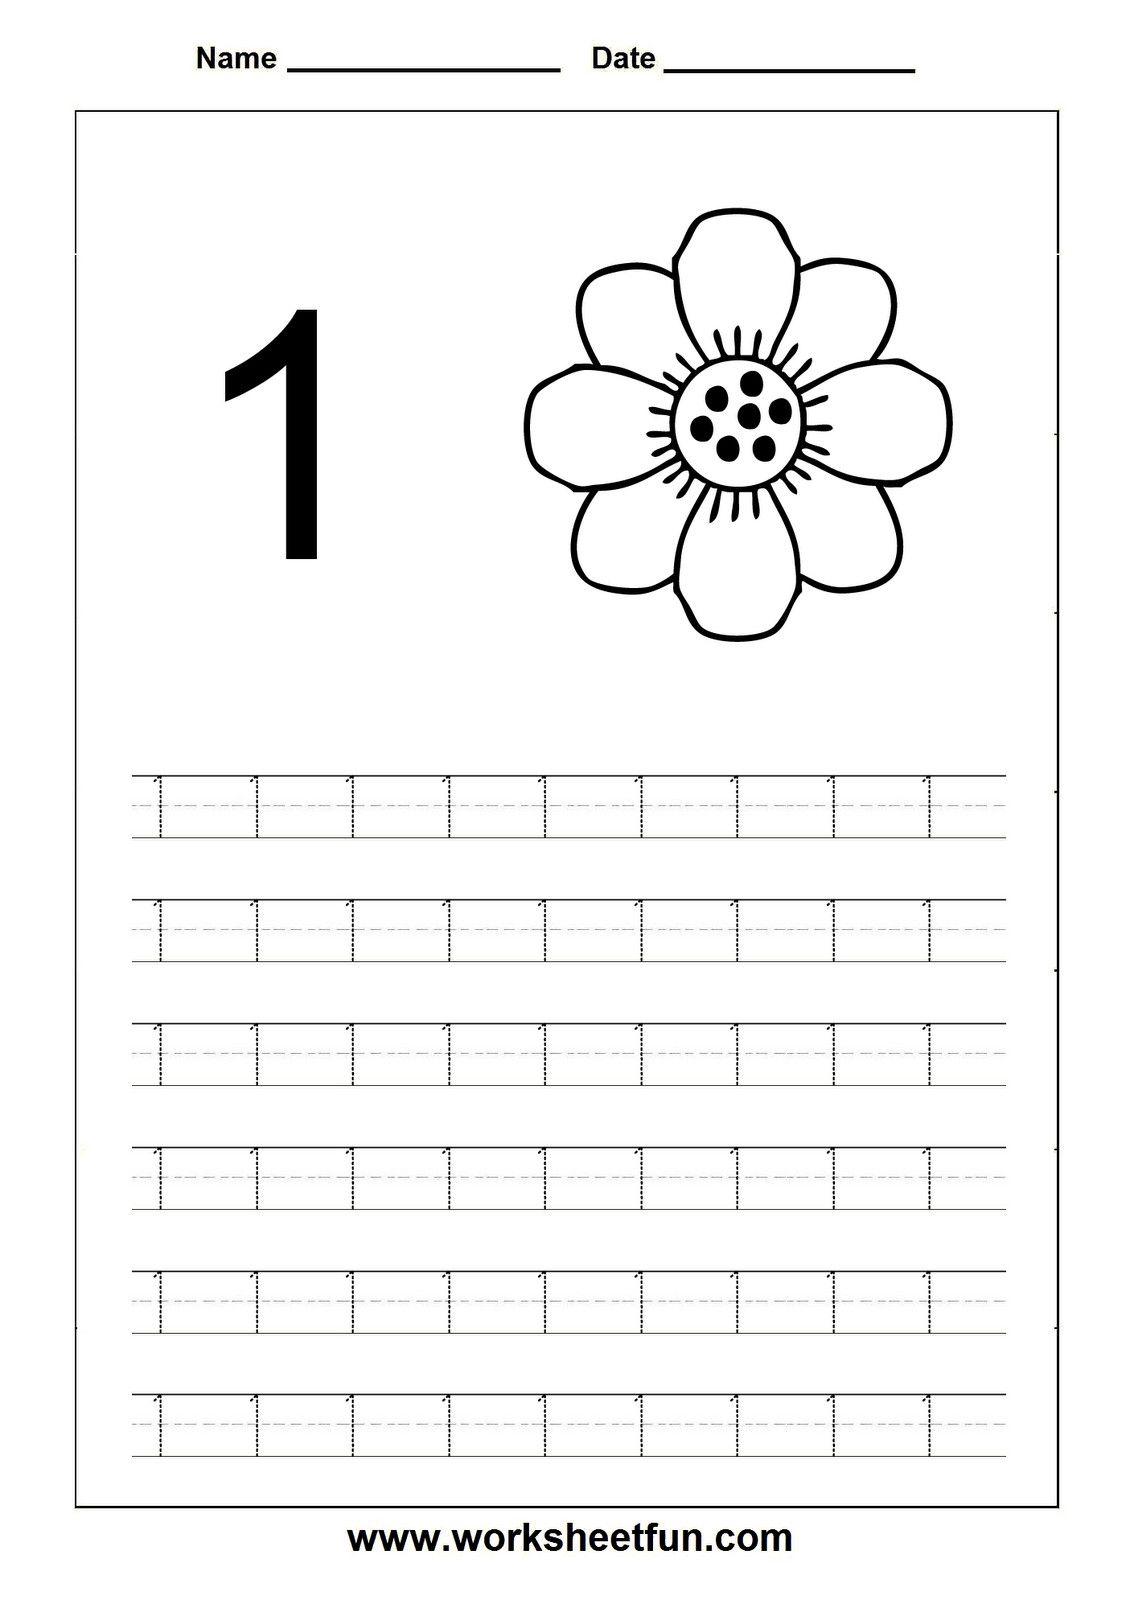 6 Comparing Numbers 1 10 Worksheet Printable In